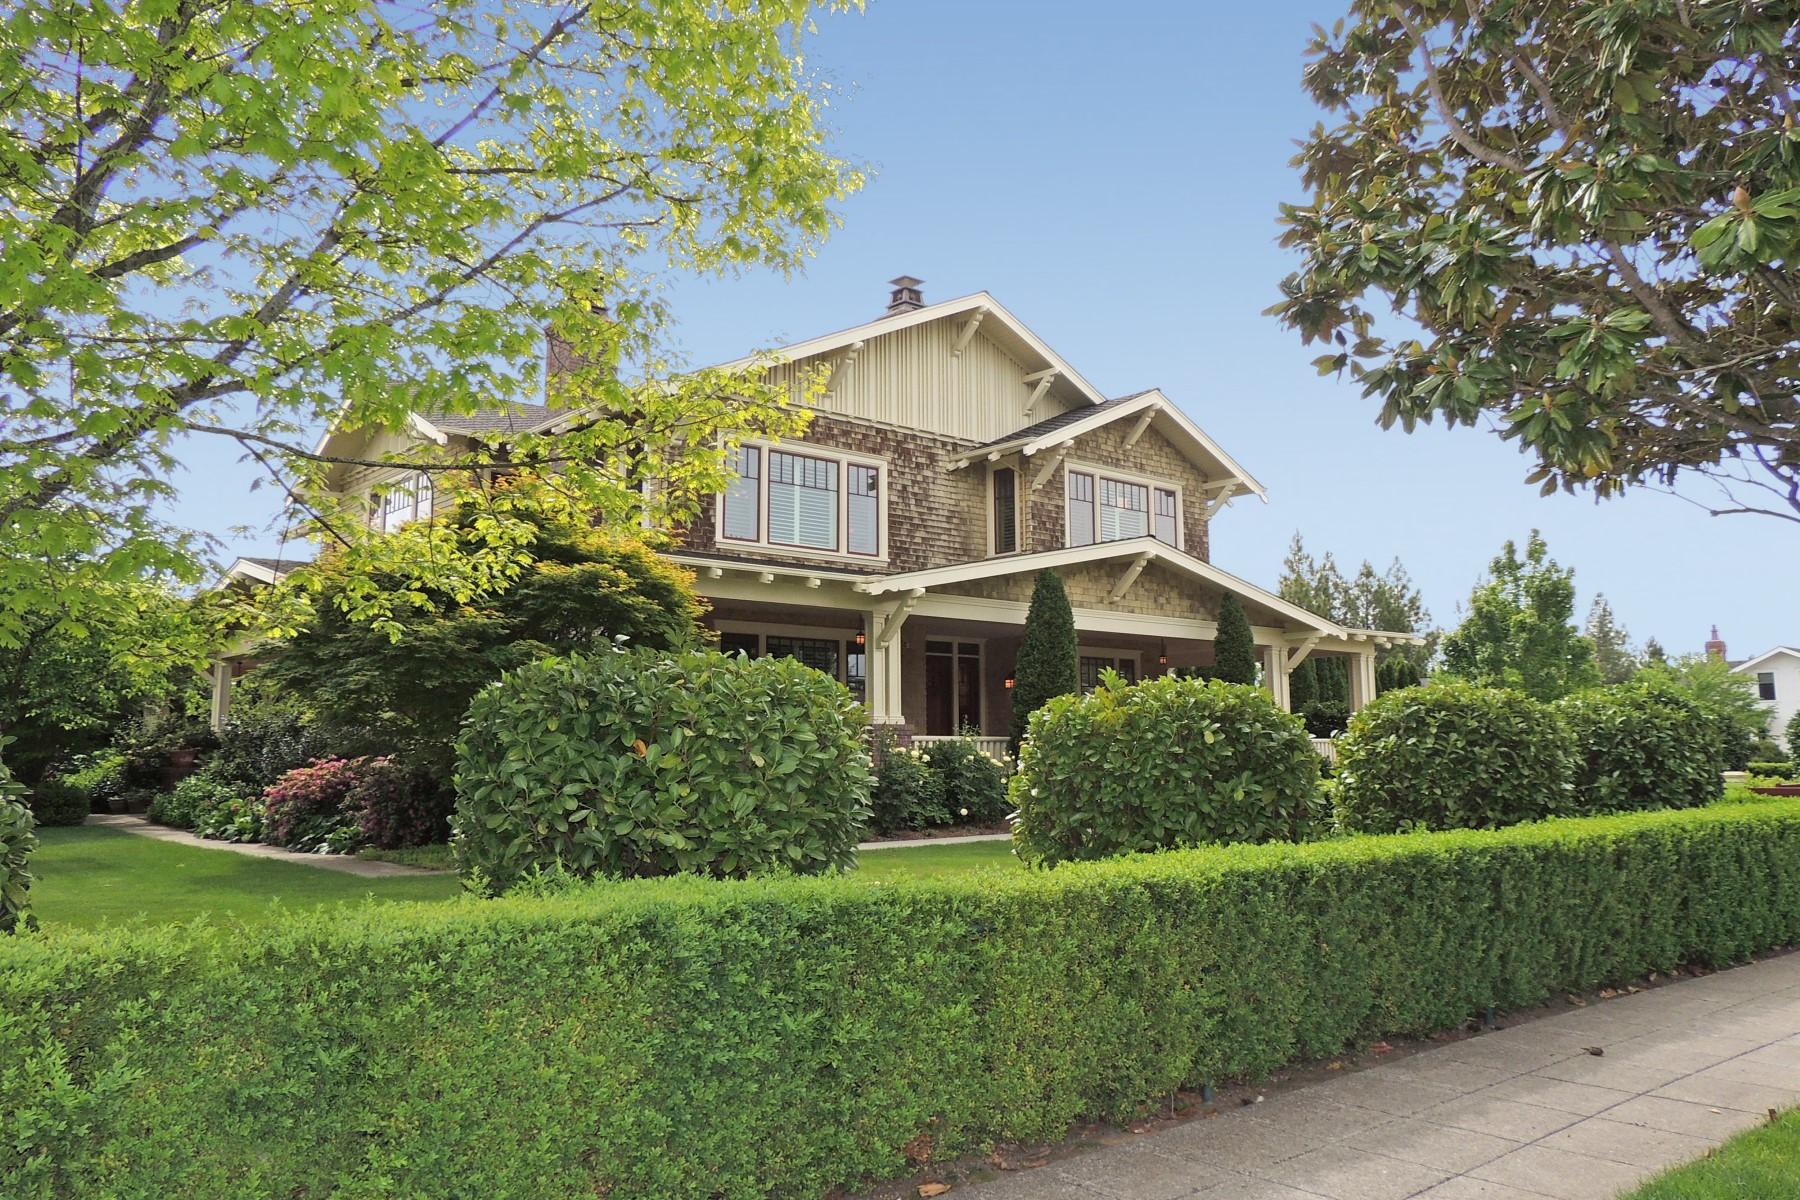 獨棟家庭住宅 為 出售 在 Eastside Sonoma Craftsman 502 Fifth Street East Sonoma, 加利福尼亞州 95476 美國